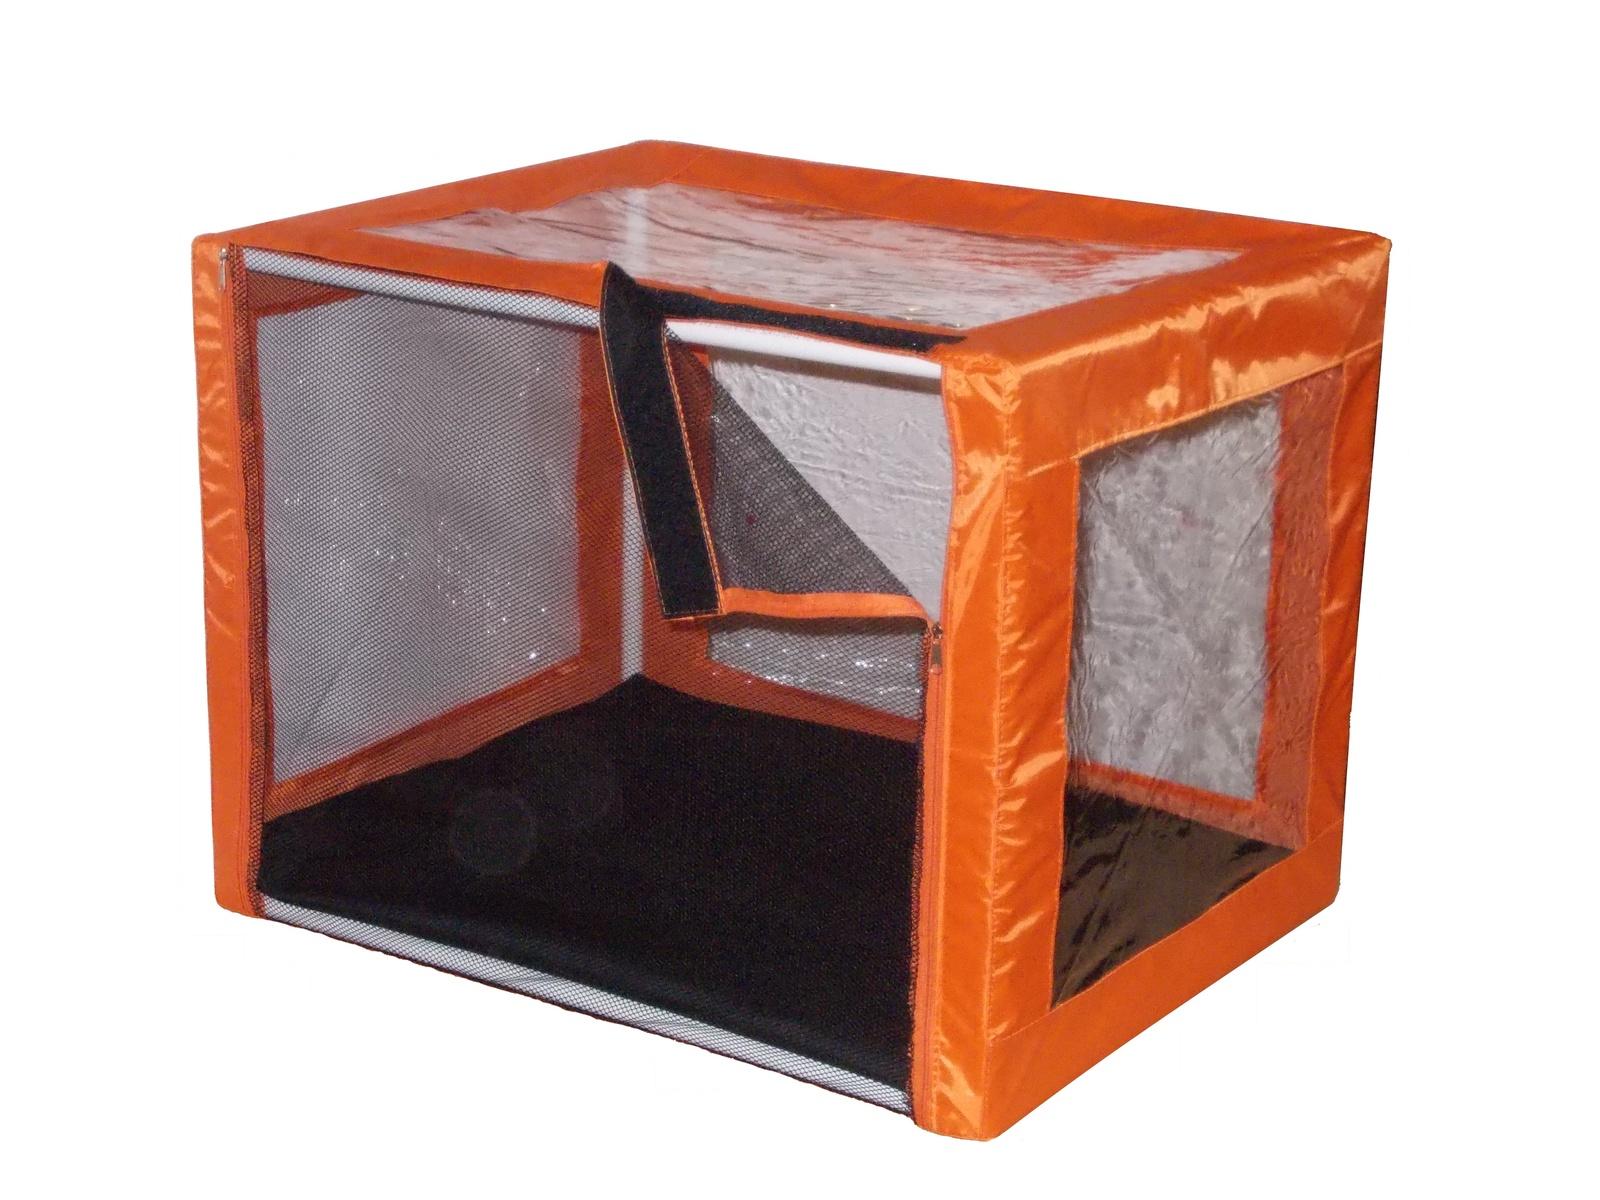 Палатка для животных Заря-Плюс КВР1 АКВАРИУМ (76x56x56см) палатка greenell виржиния 6 плюс green